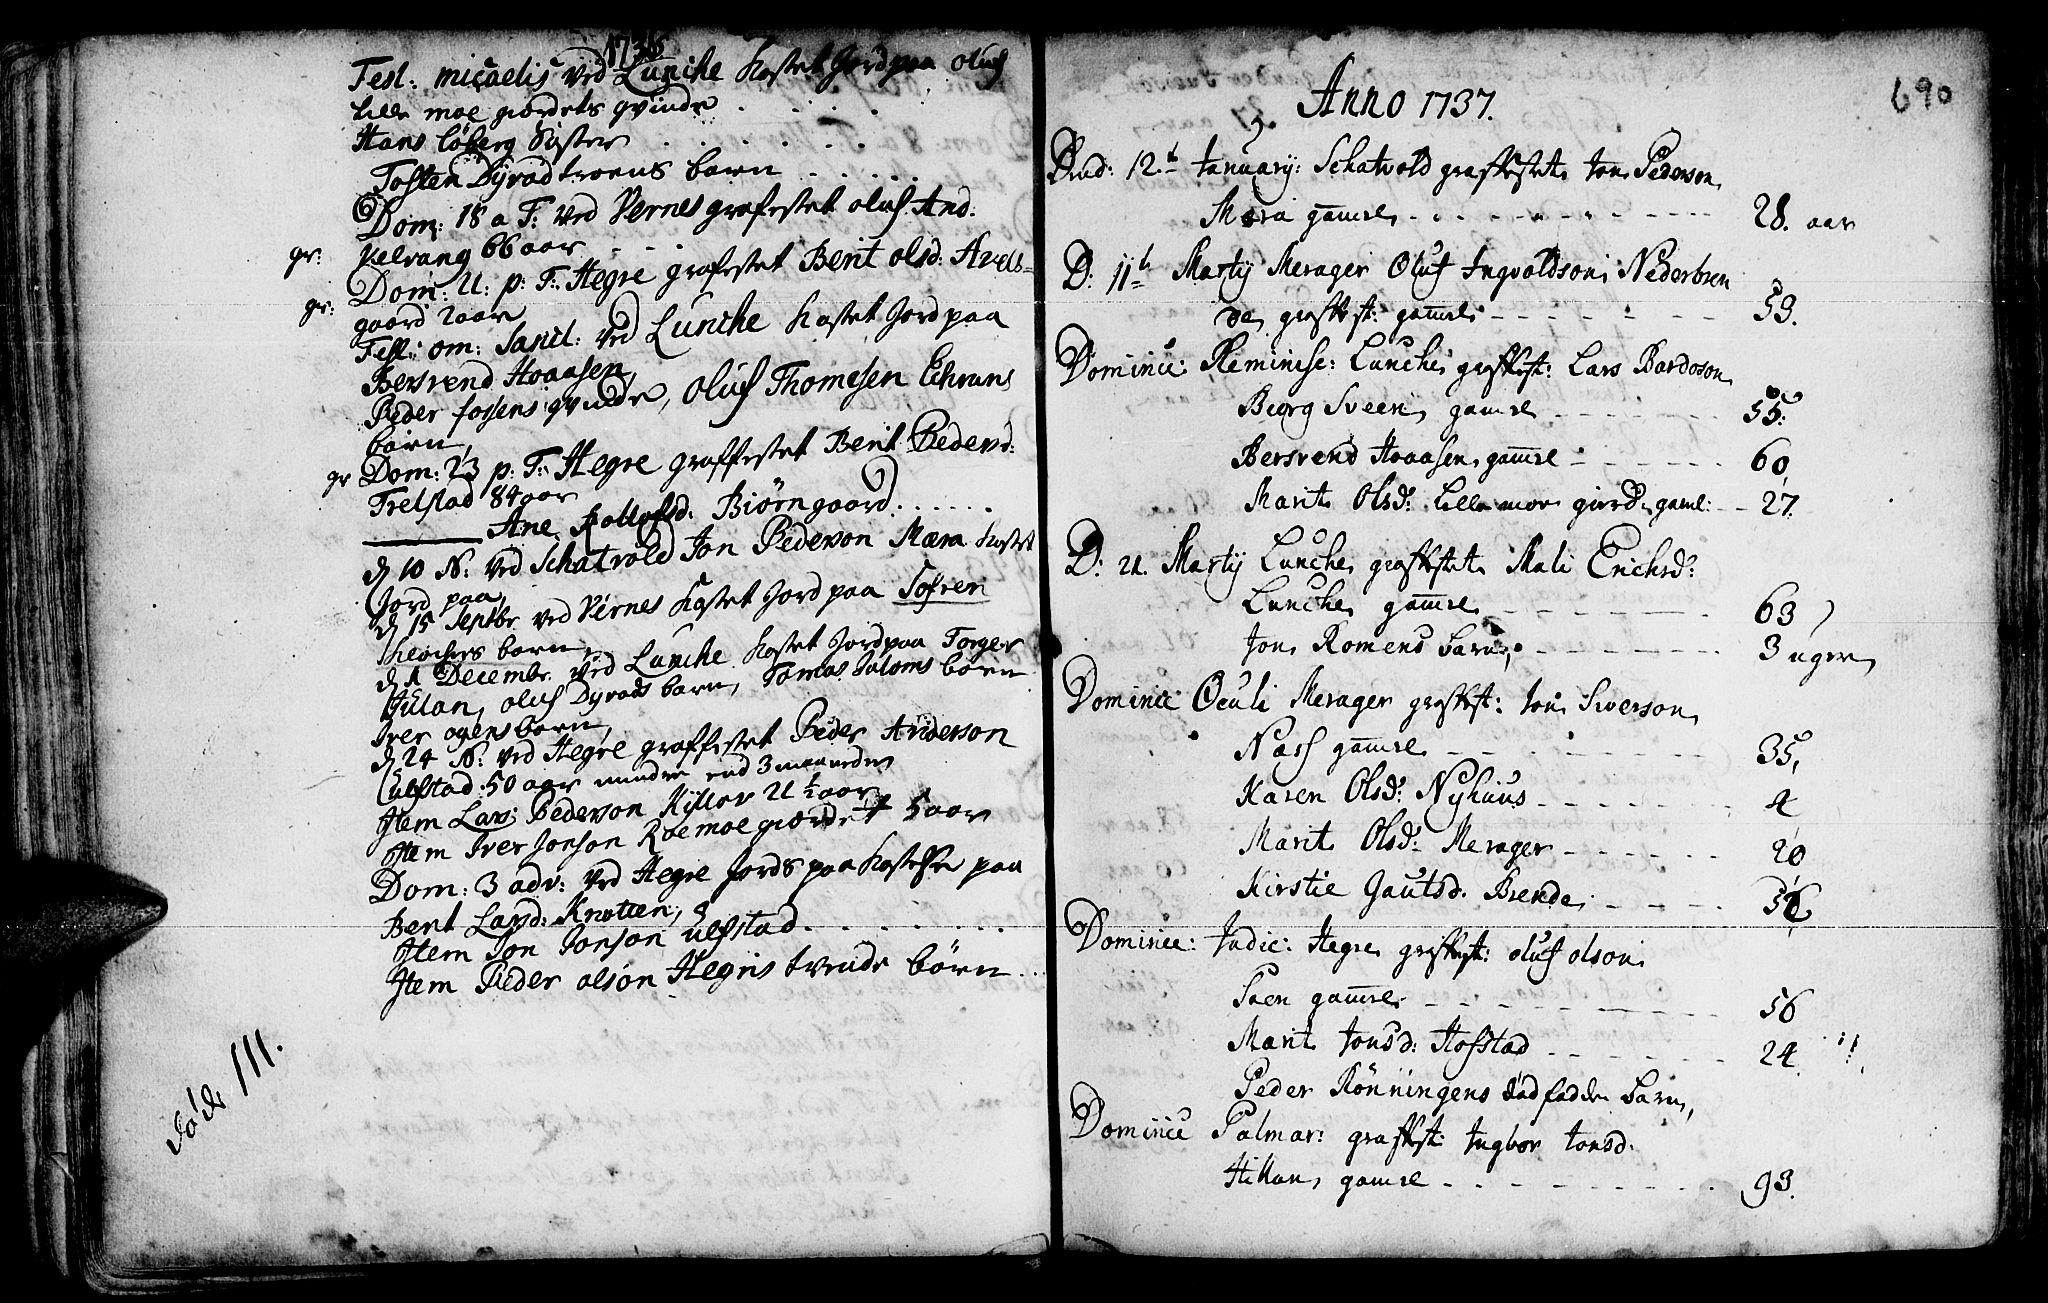 SAT, Ministerialprotokoller, klokkerbøker og fødselsregistre - Nord-Trøndelag, 709/L0055: Ministerialbok nr. 709A03, 1730-1739, s. 689-690